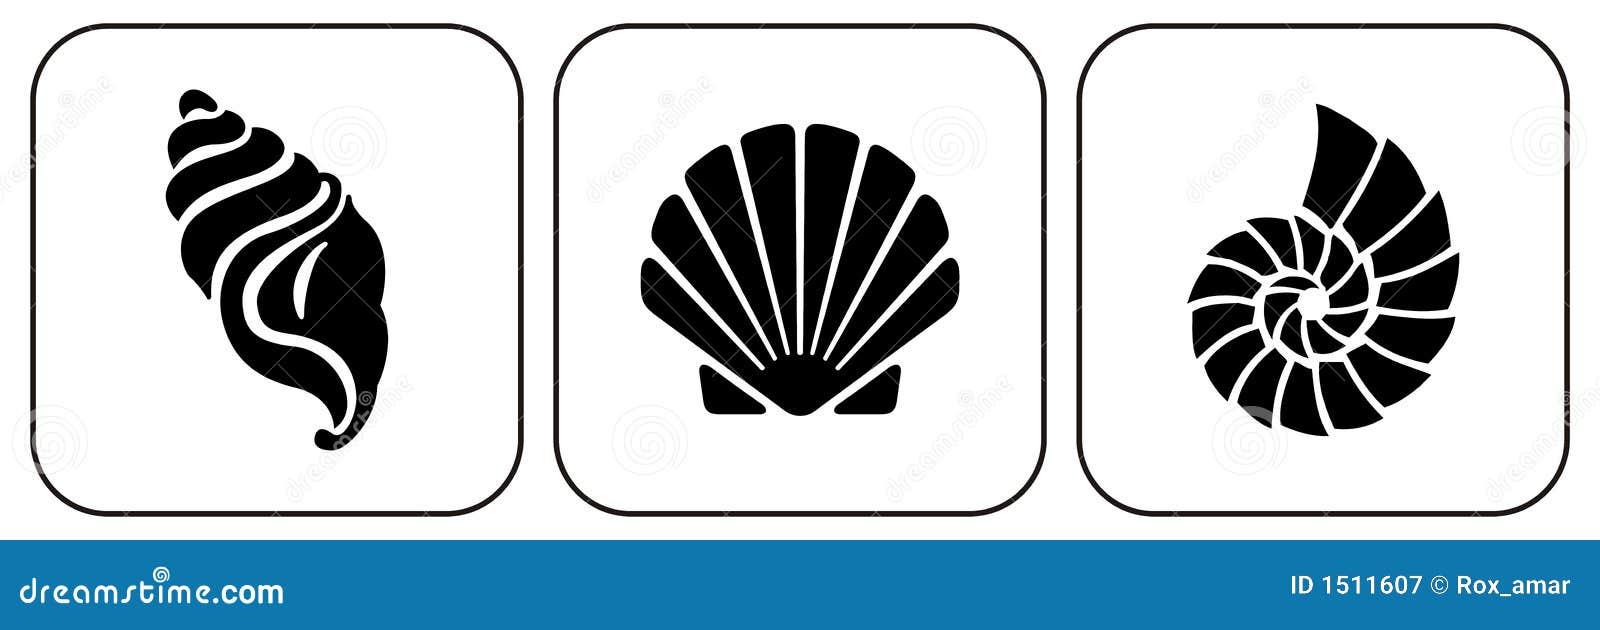 Drei Shells